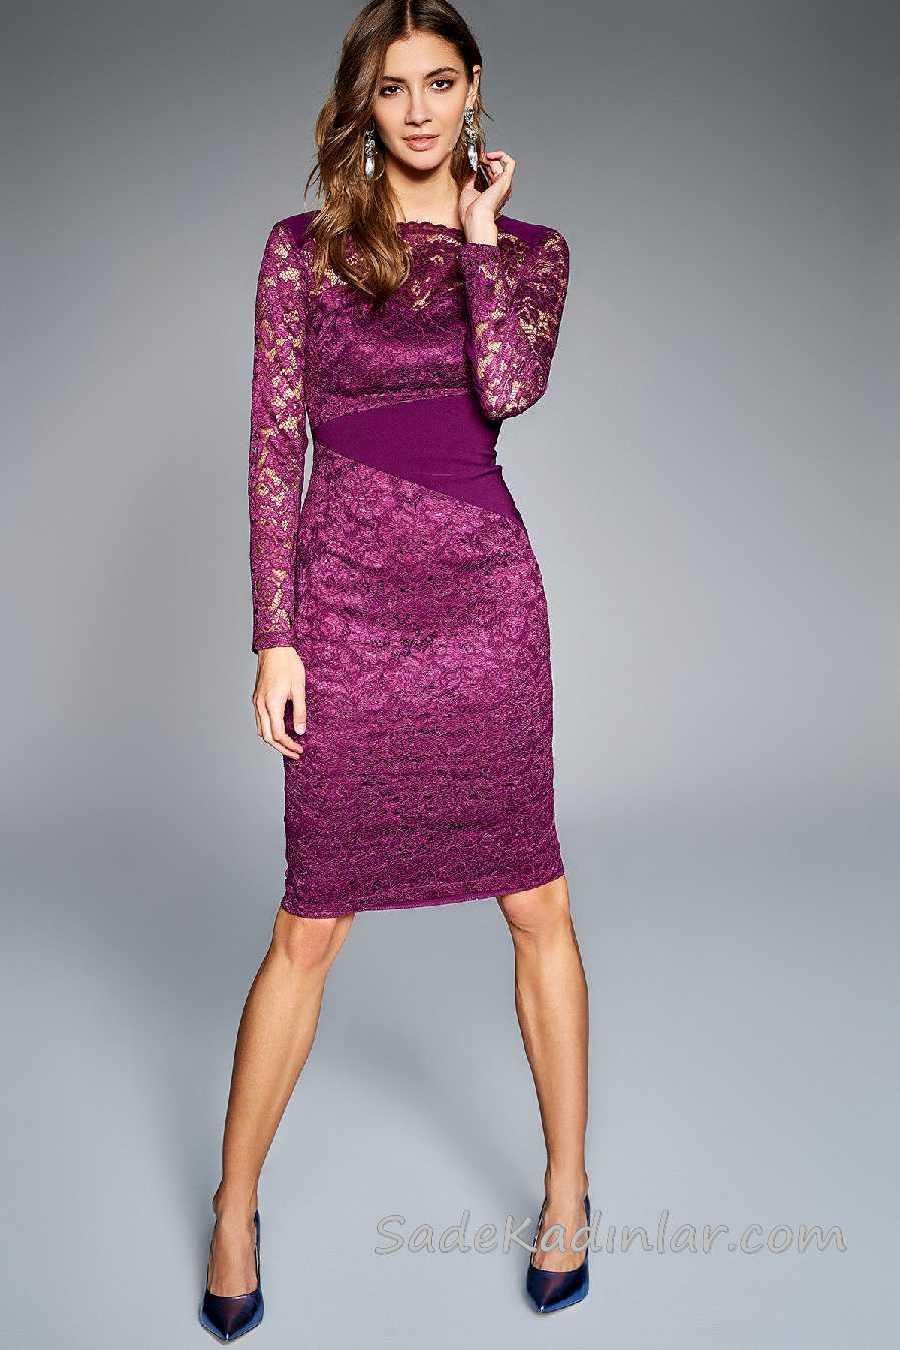 2020 Mürdüm Abiye Elbise Modelleri Dizboyu Kayık Yaka Uzun Kollu Dantelli